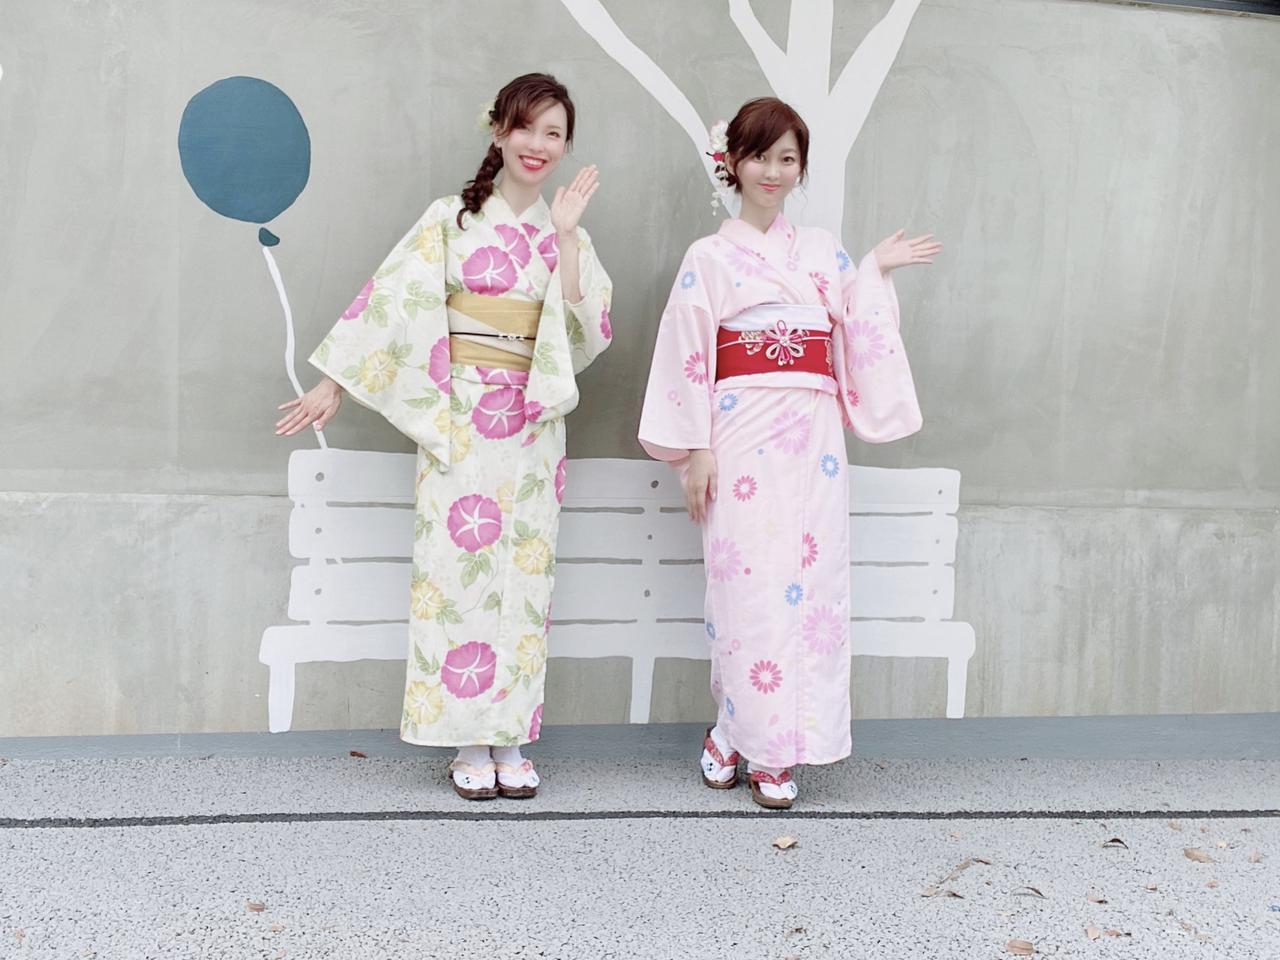 画像1: 【新スポット】フォトスポットいっぱいの「東京ミズマチ」の楽しみ方♡